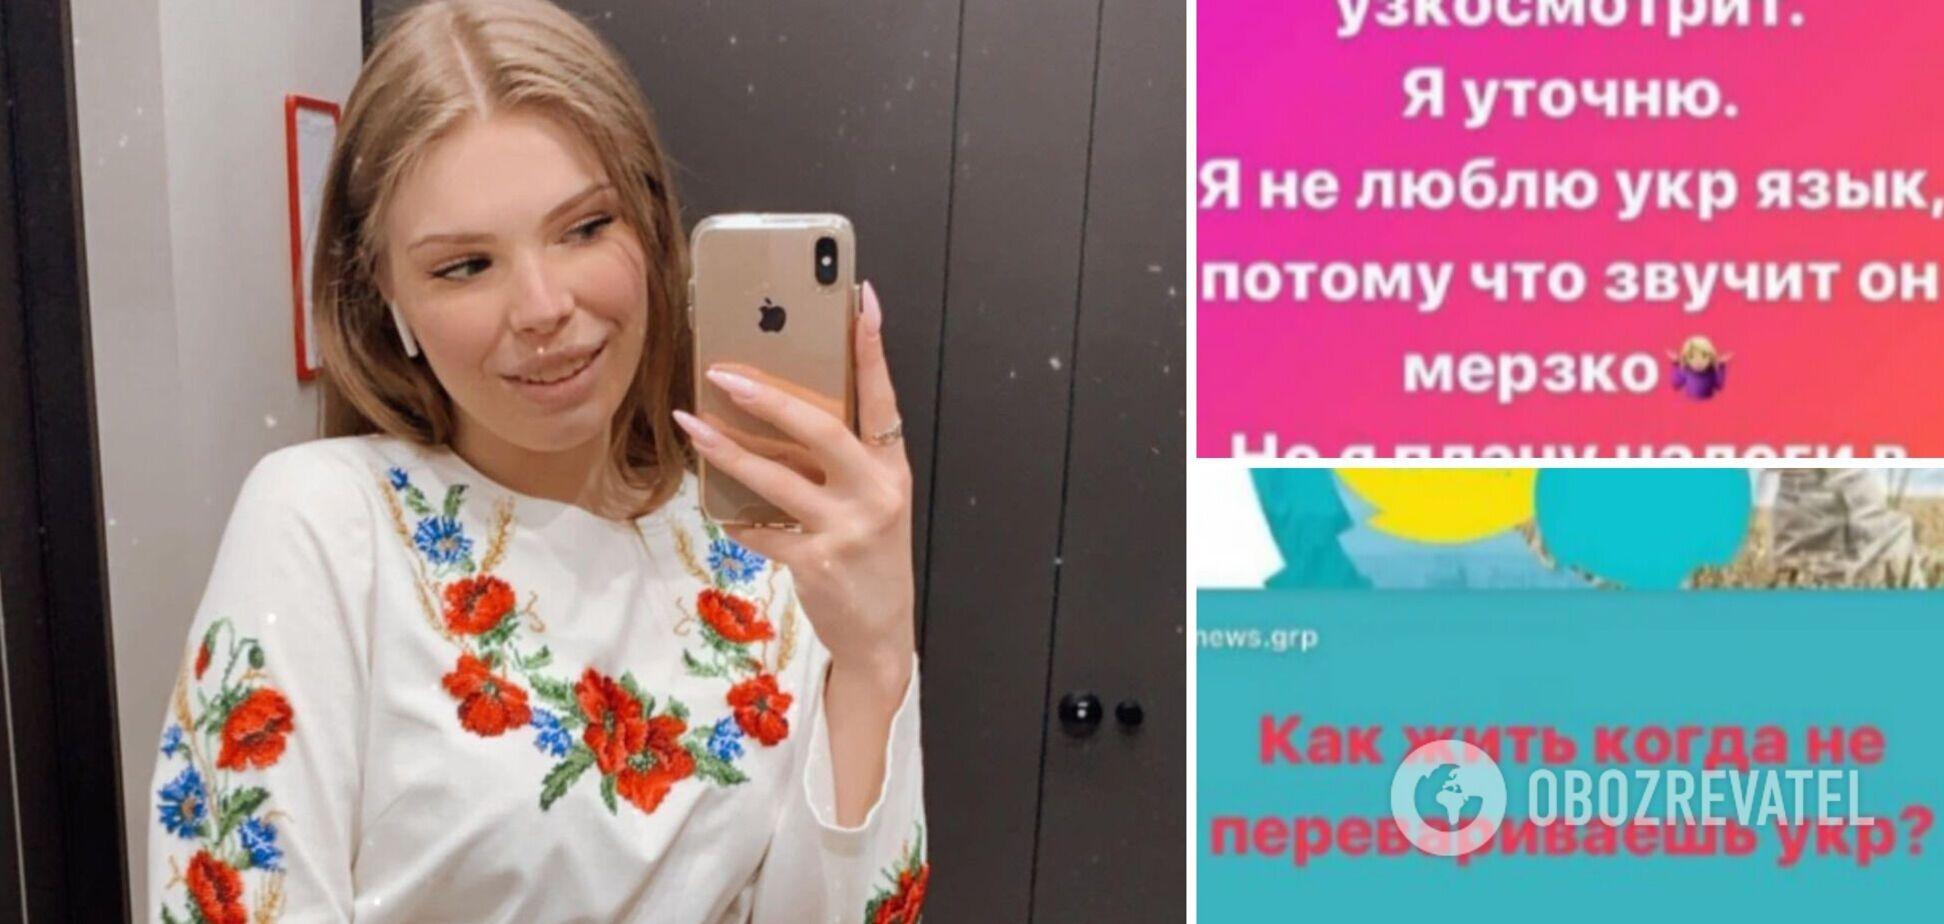 Скандальна блогерка попросила вибачення за 'мерзенну' українську мову після того, як її звільнили з IT-компанії